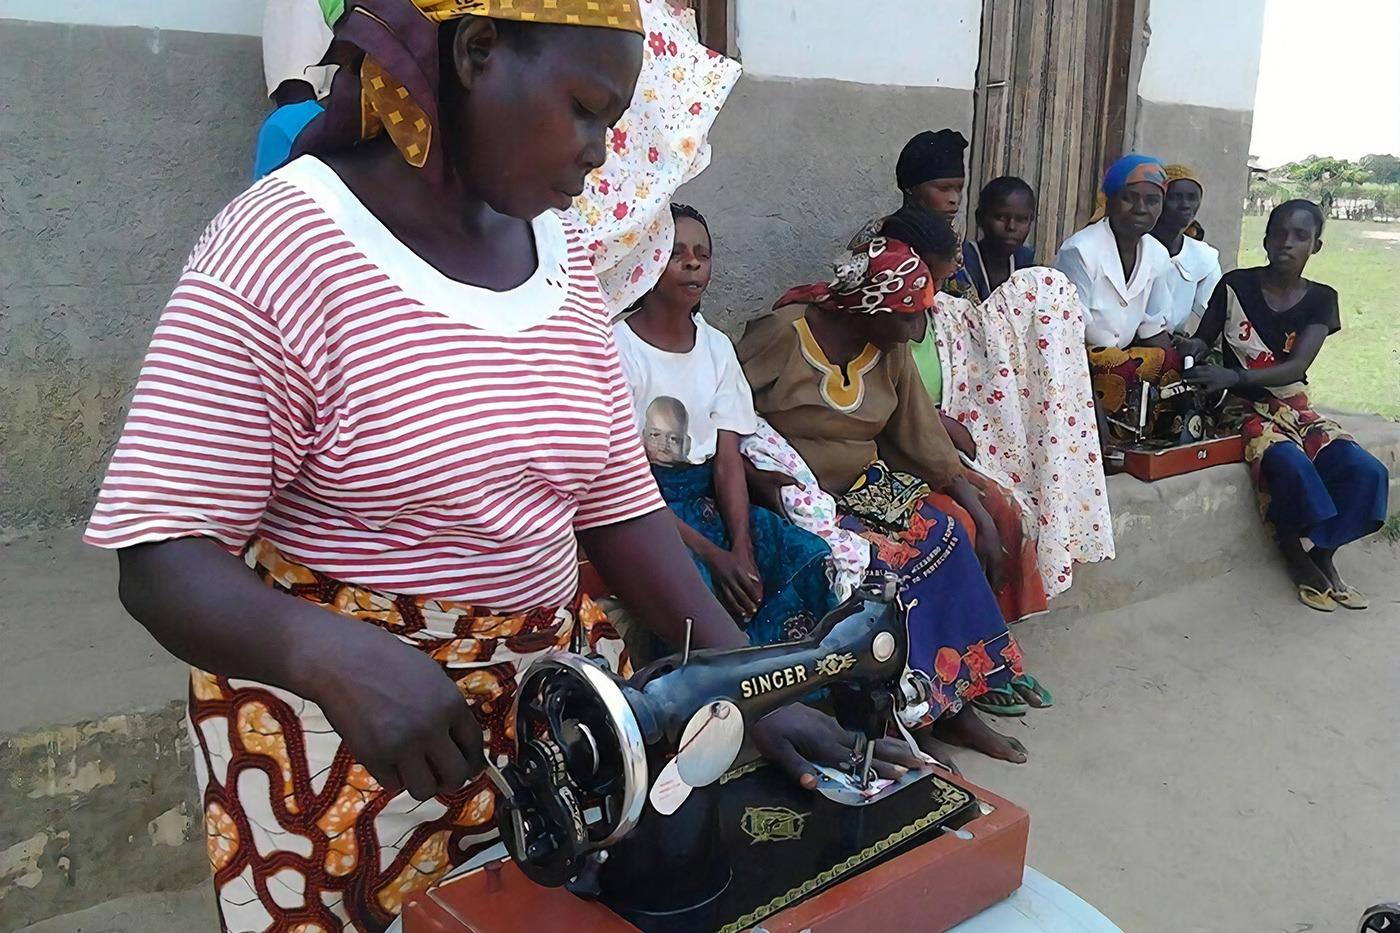 Le Mamas di Kemba con le macchine da cucire di Fonte di Speranza Onlus